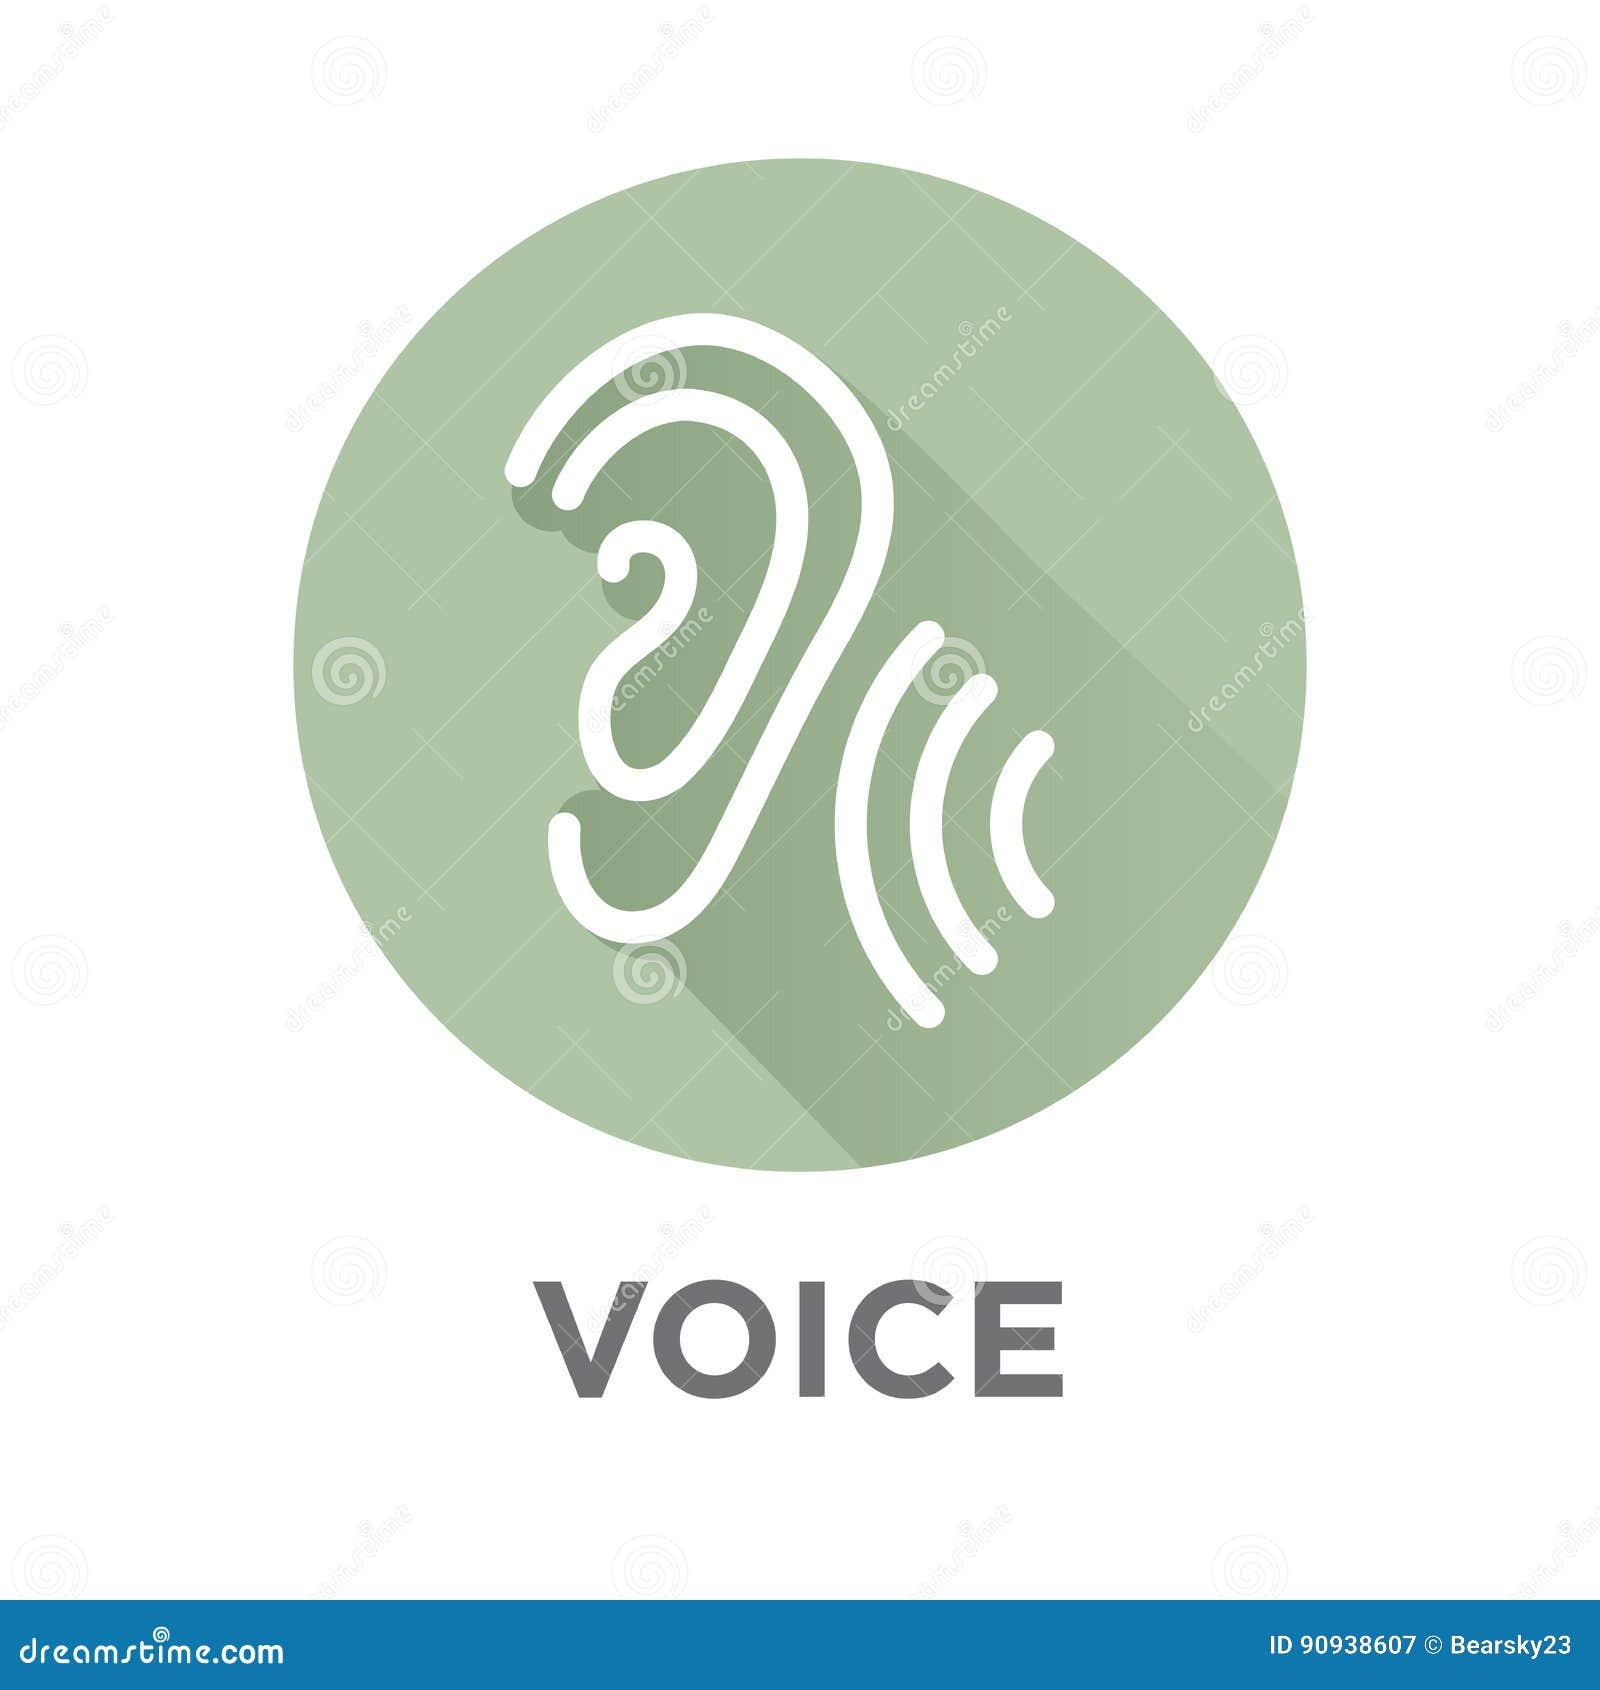 Icono de la voz superpuesta o del control por voz con imágenes de la onda acústica